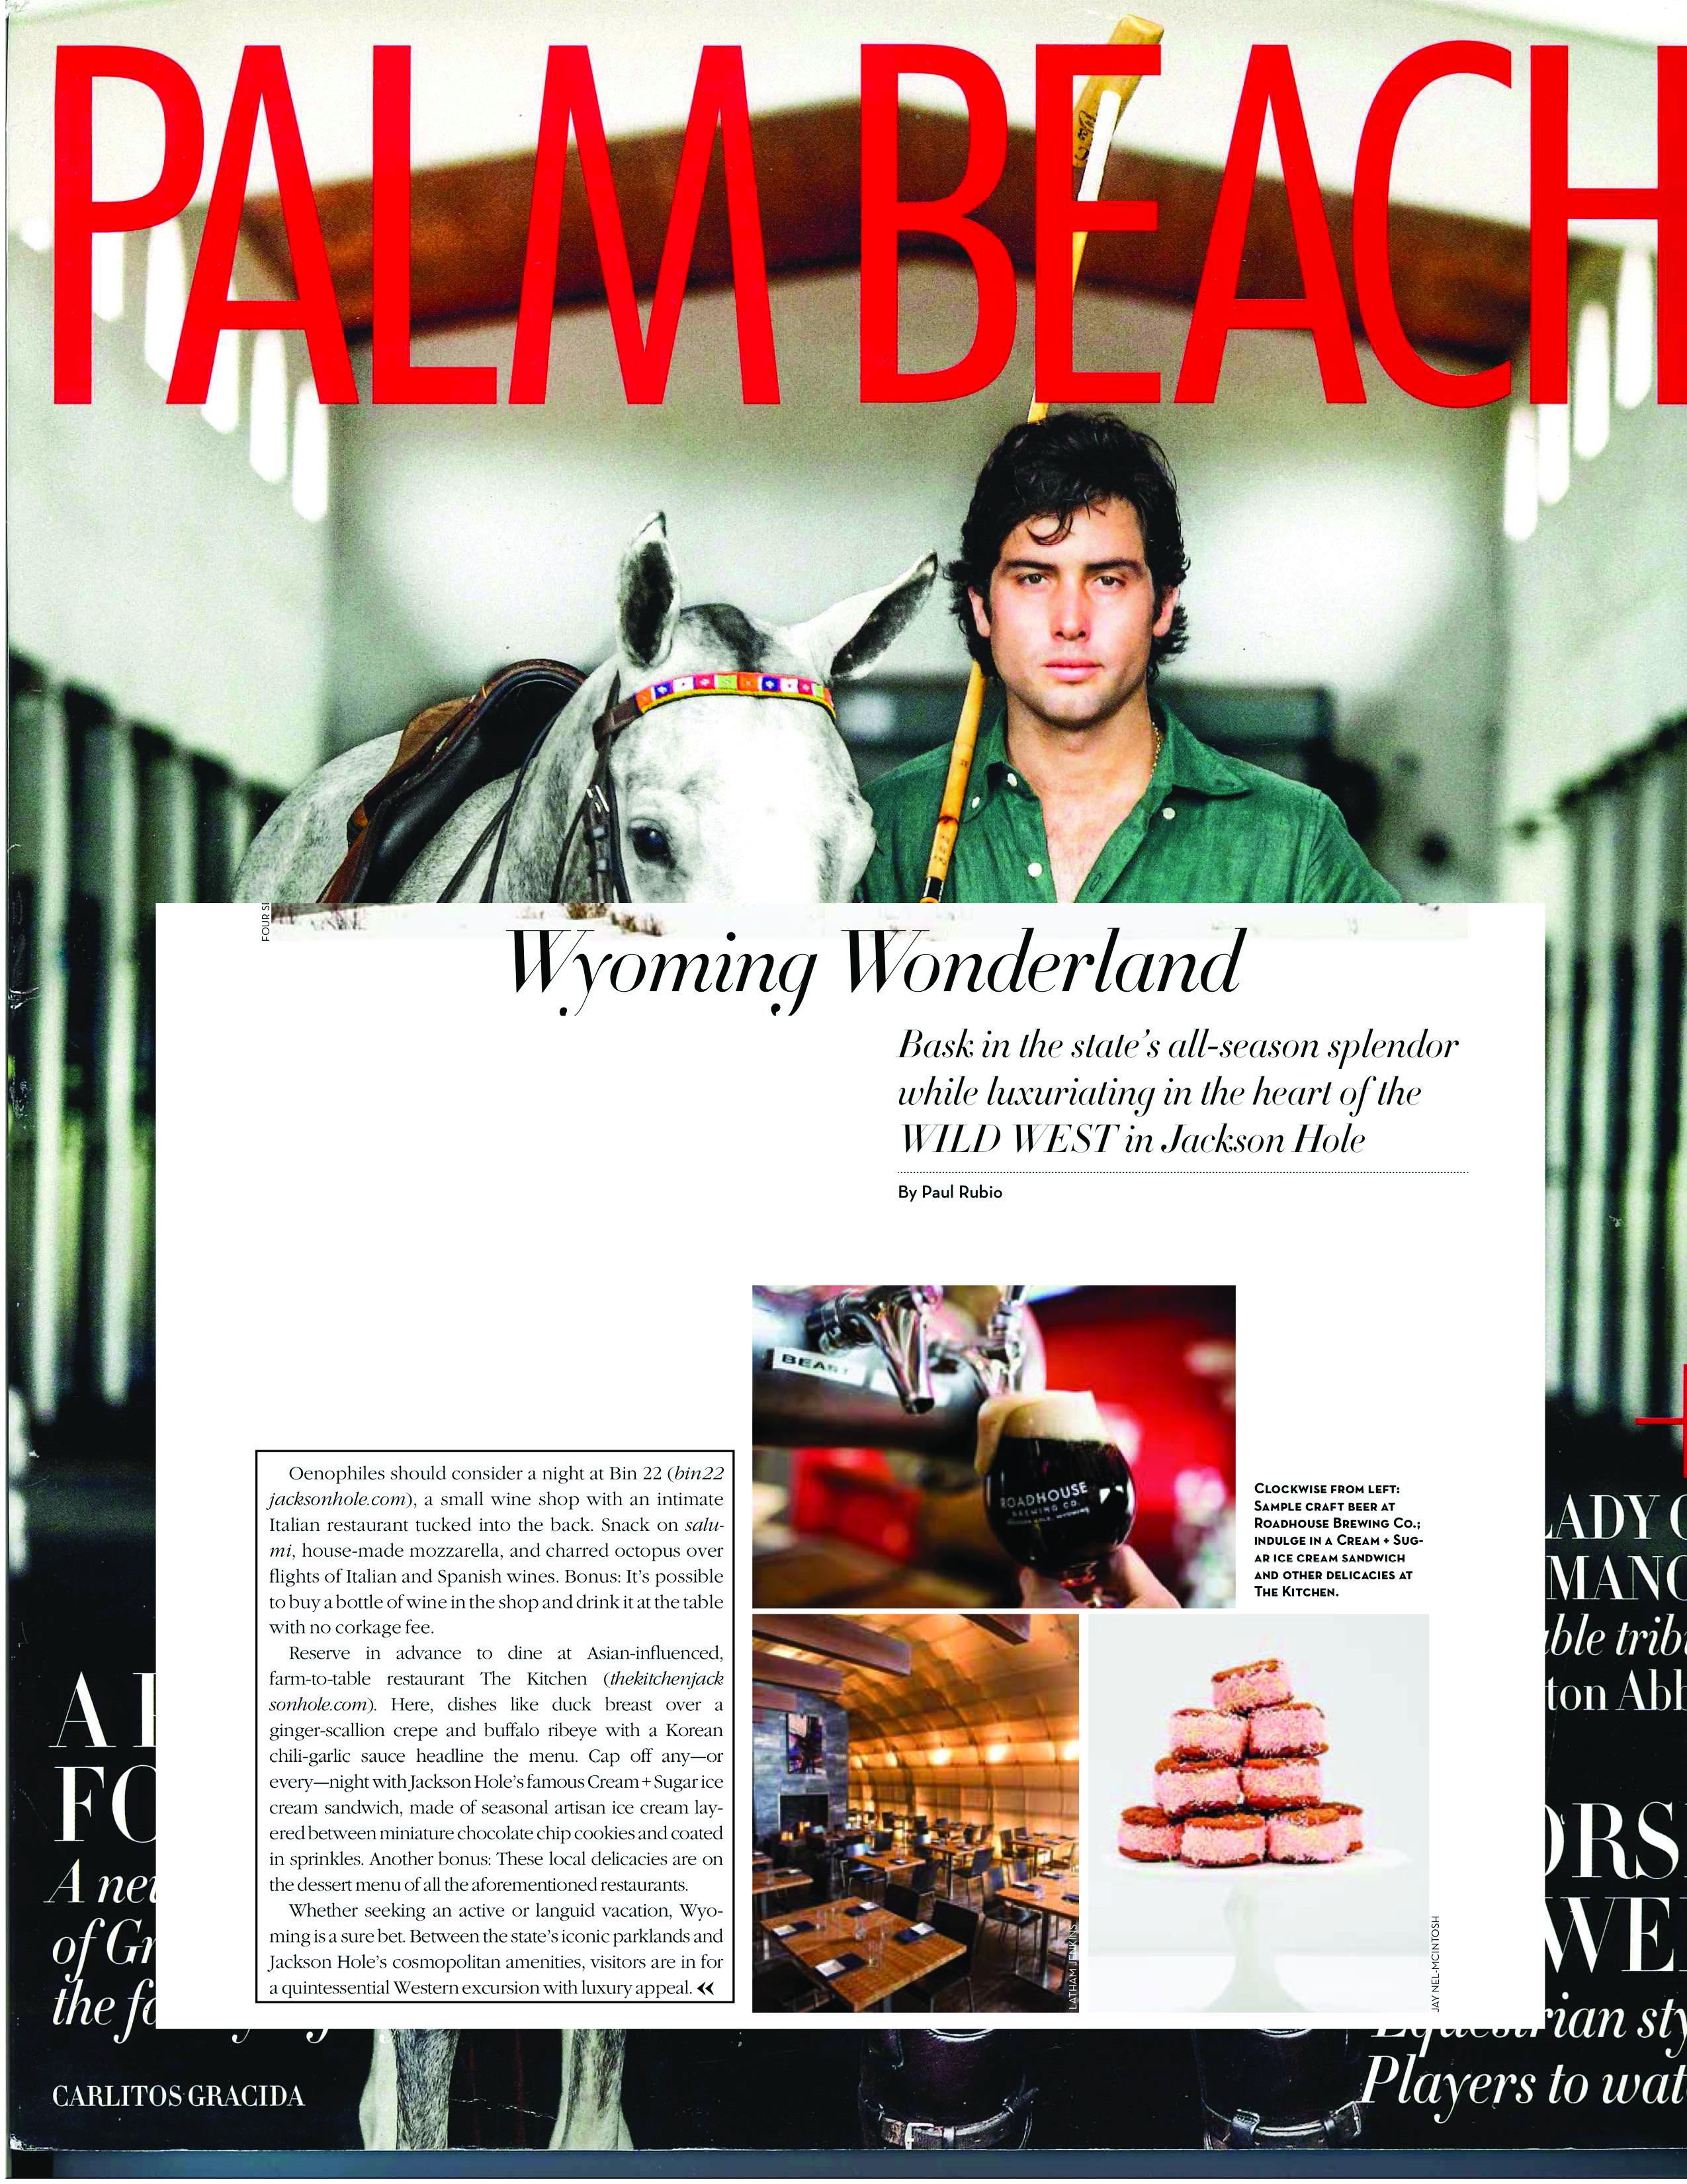 Press item at Bin 22 - Palm Beach Illustrated